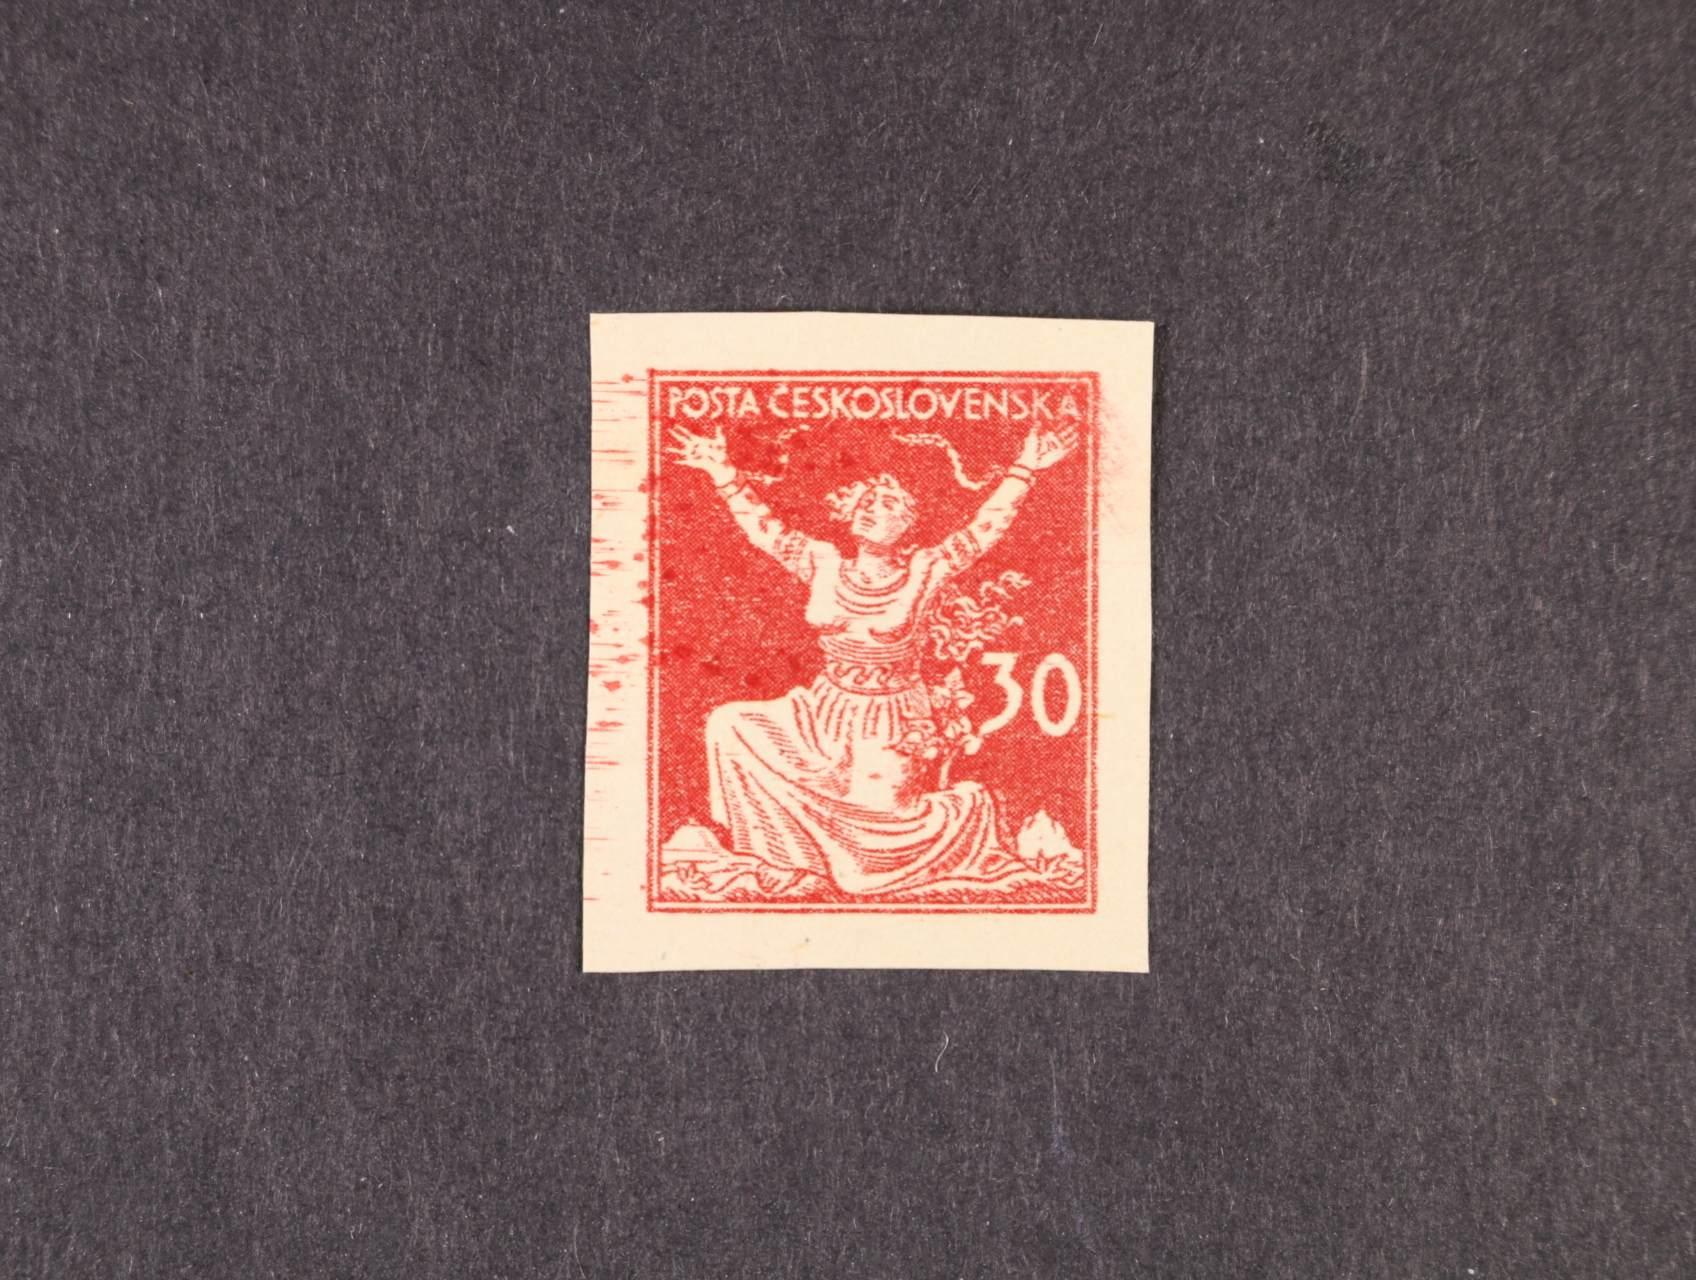 ZT 30h v barvě červené, 2. návrh s jednou nominální hodnotou vpravo, zk. Karásek